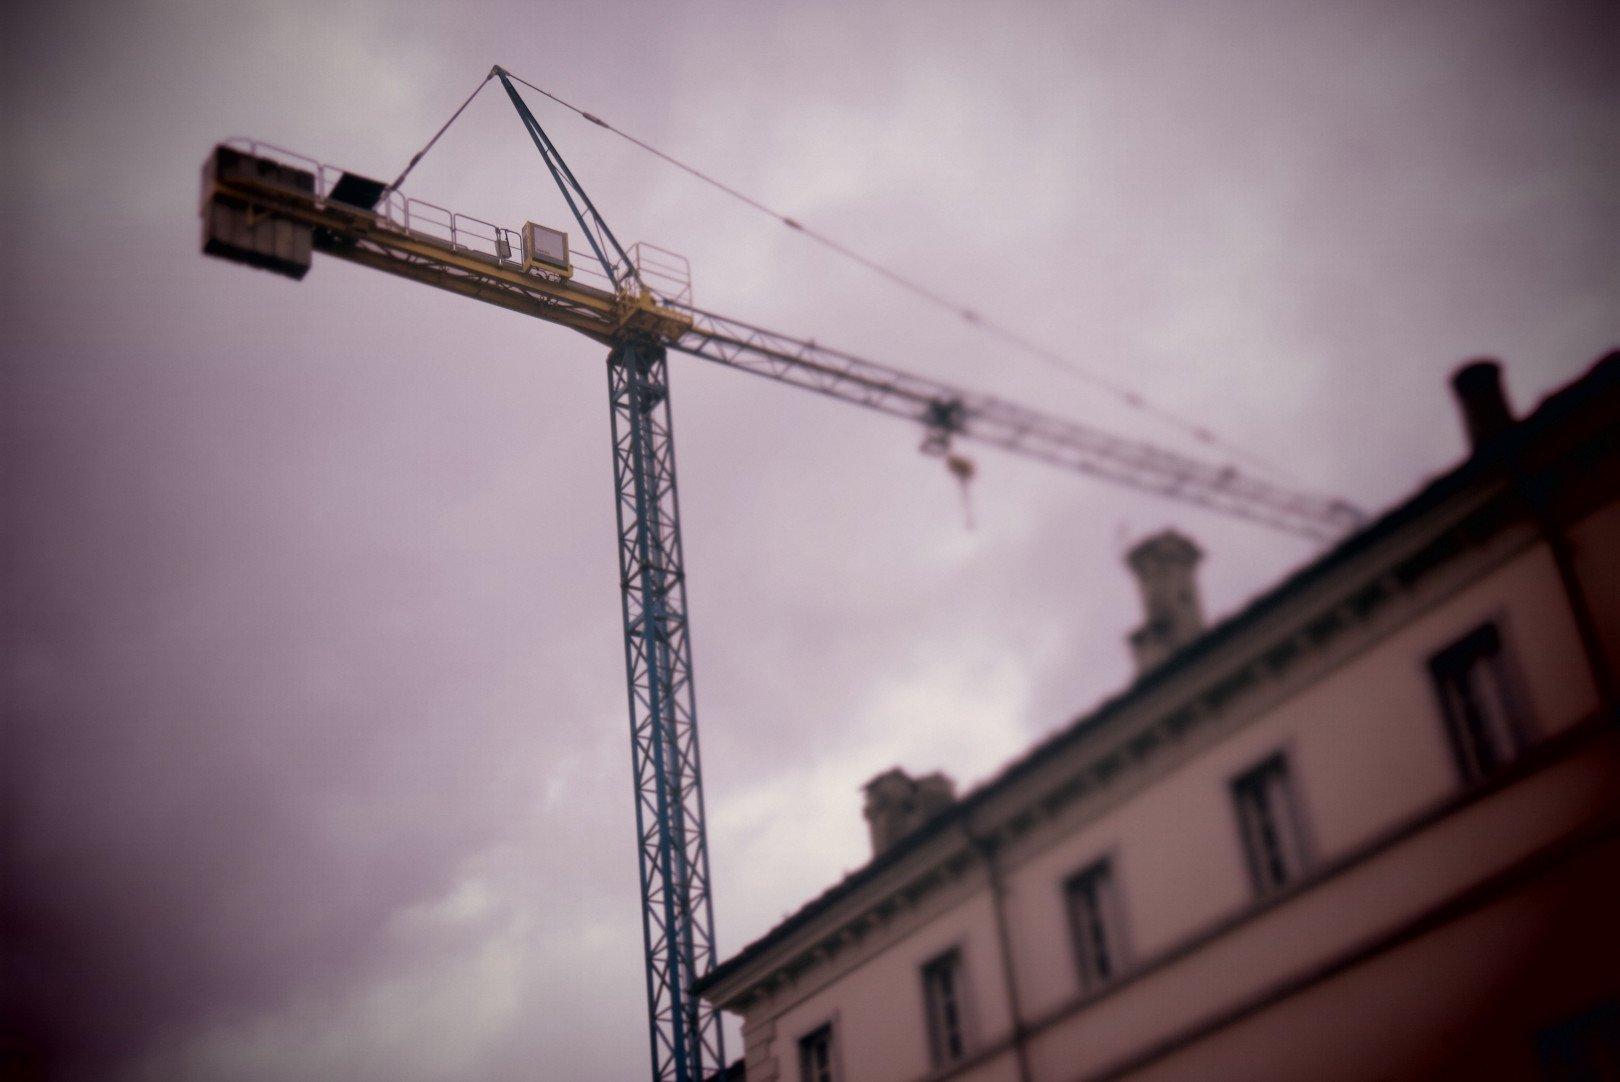 Approvate dalla Giunta regionale le modalità di applicazione delle tolleranze edilizie: «ampliata la casistica dei fabbricati legittimi» evidenzia Carlo Marzi